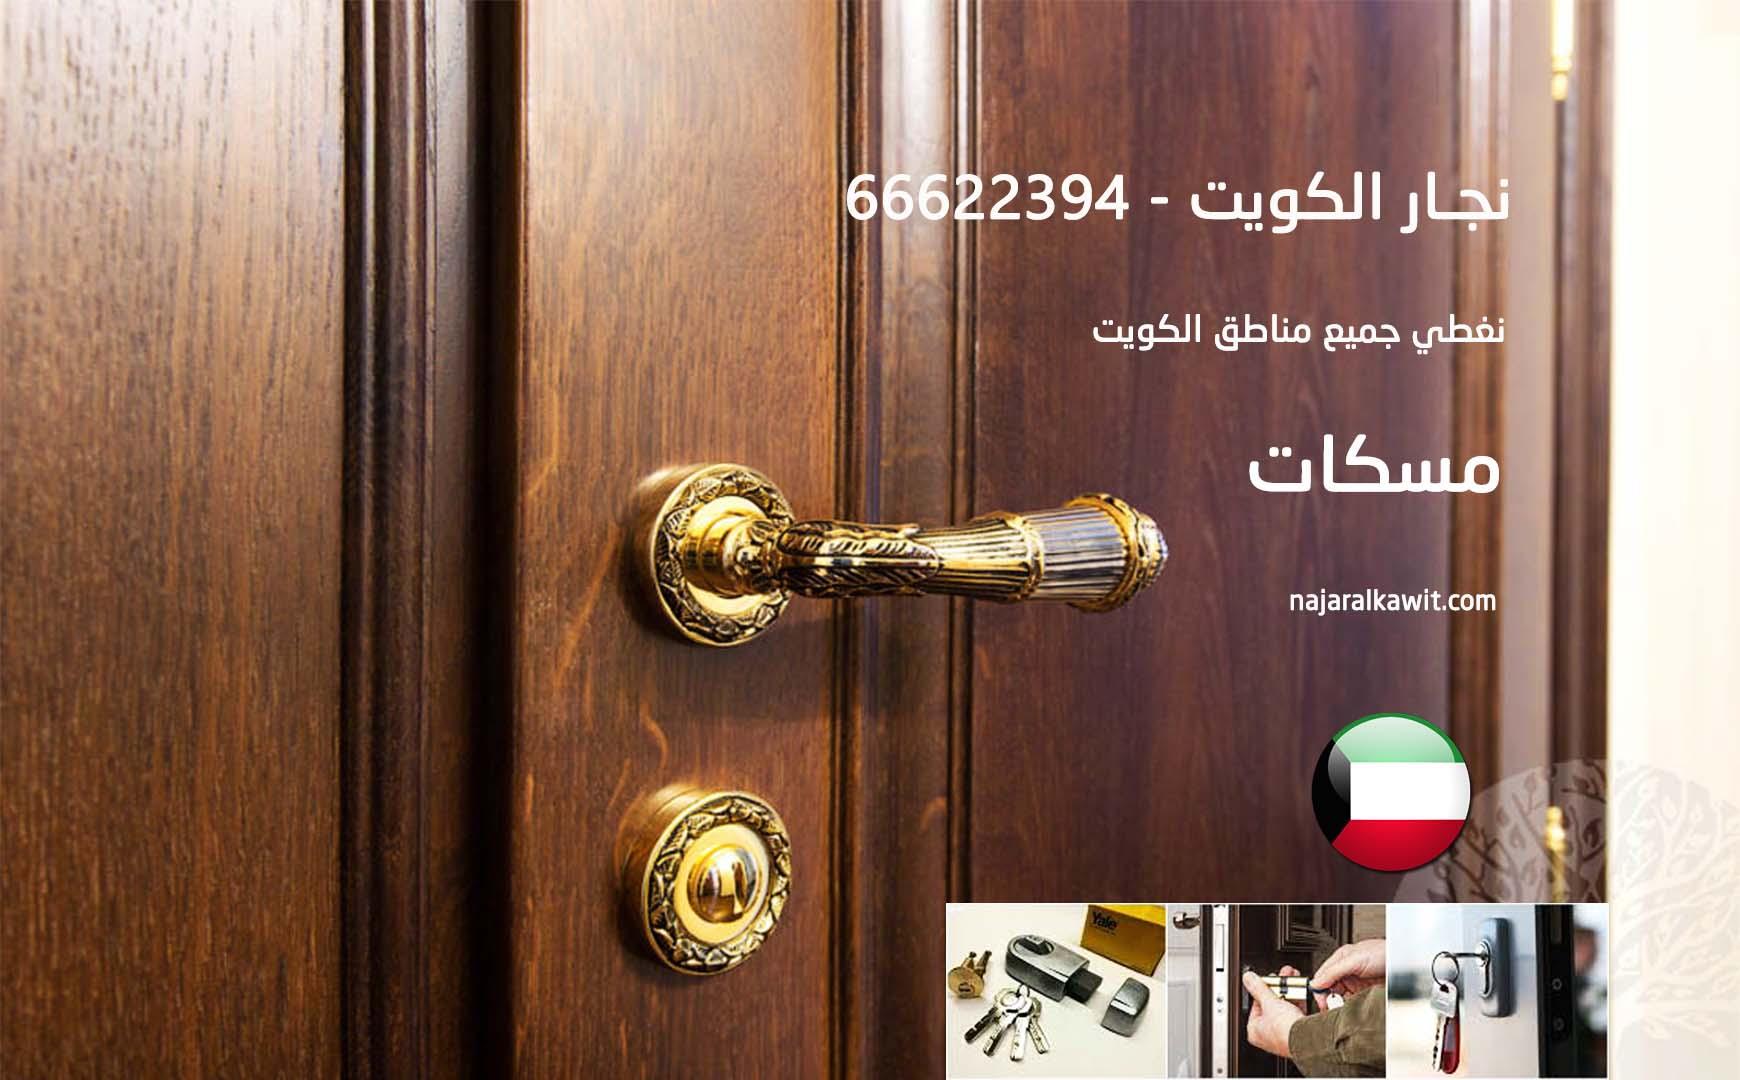 فك وتركيب مسكات فتح اقفال نجار الكويت 66622394 ايكيا